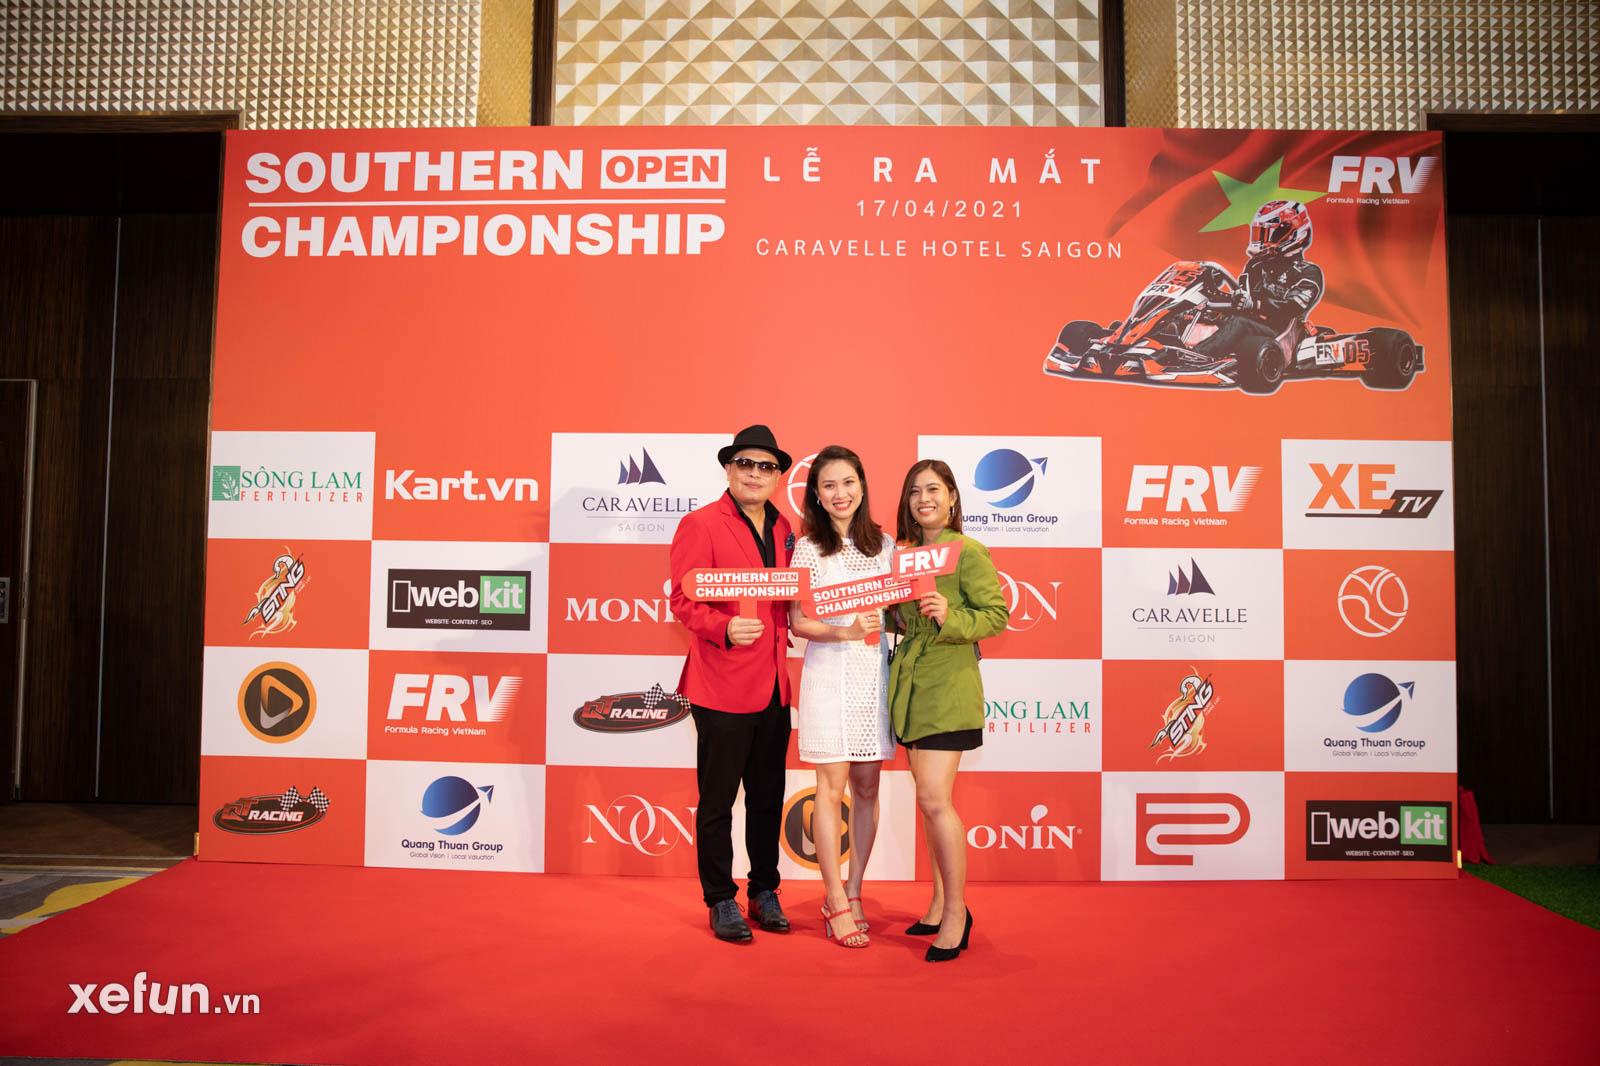 Giải đua Go Kart Southern Open Championship Formula Racing Vietnam trên Xefun (1)36567